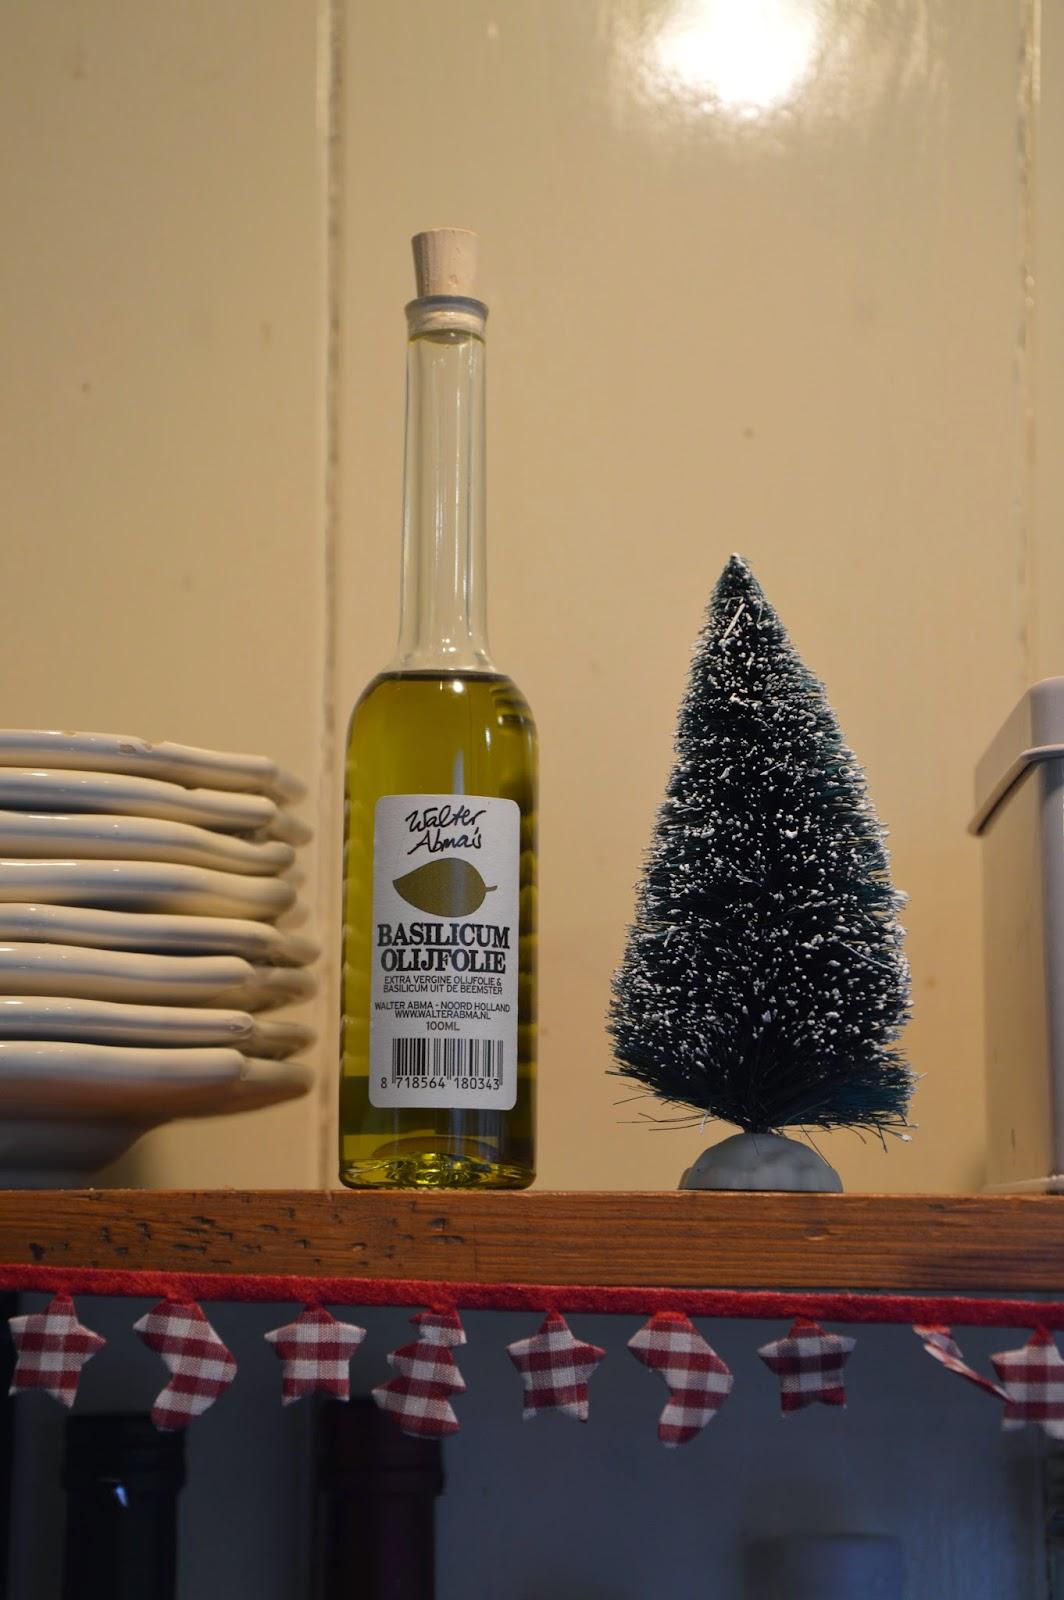 peetdownthestreet: Kerst in mijn keuken